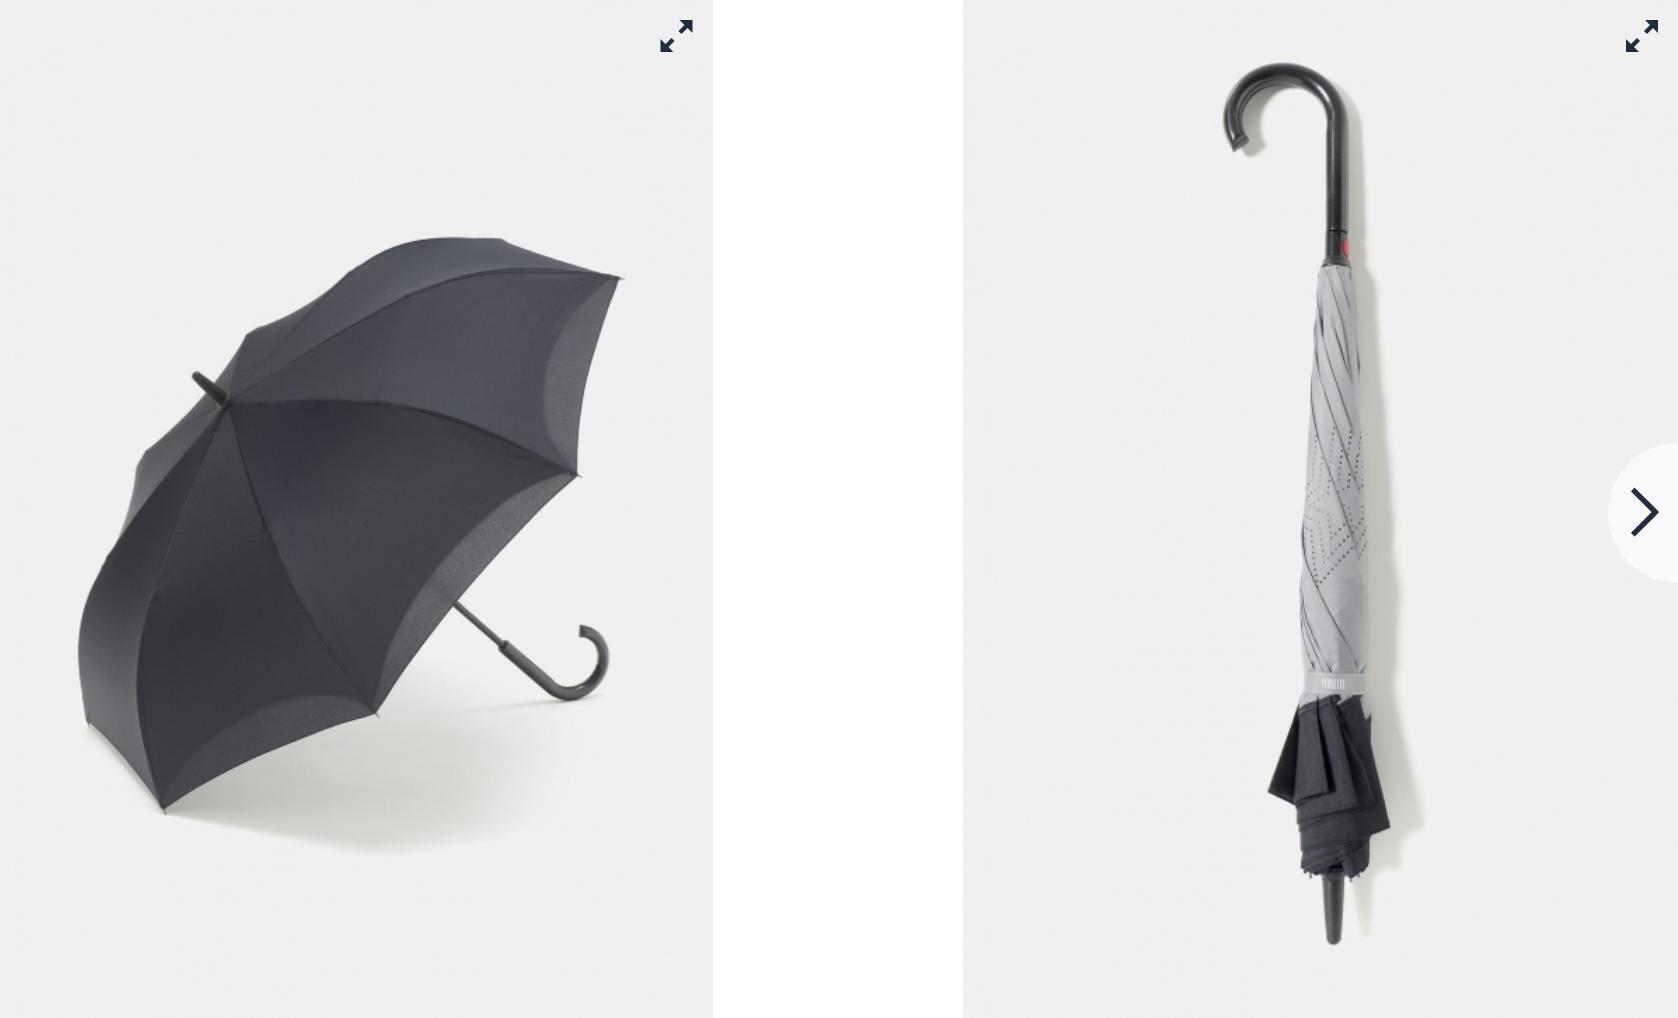 Paraguas invertidos Carrefour